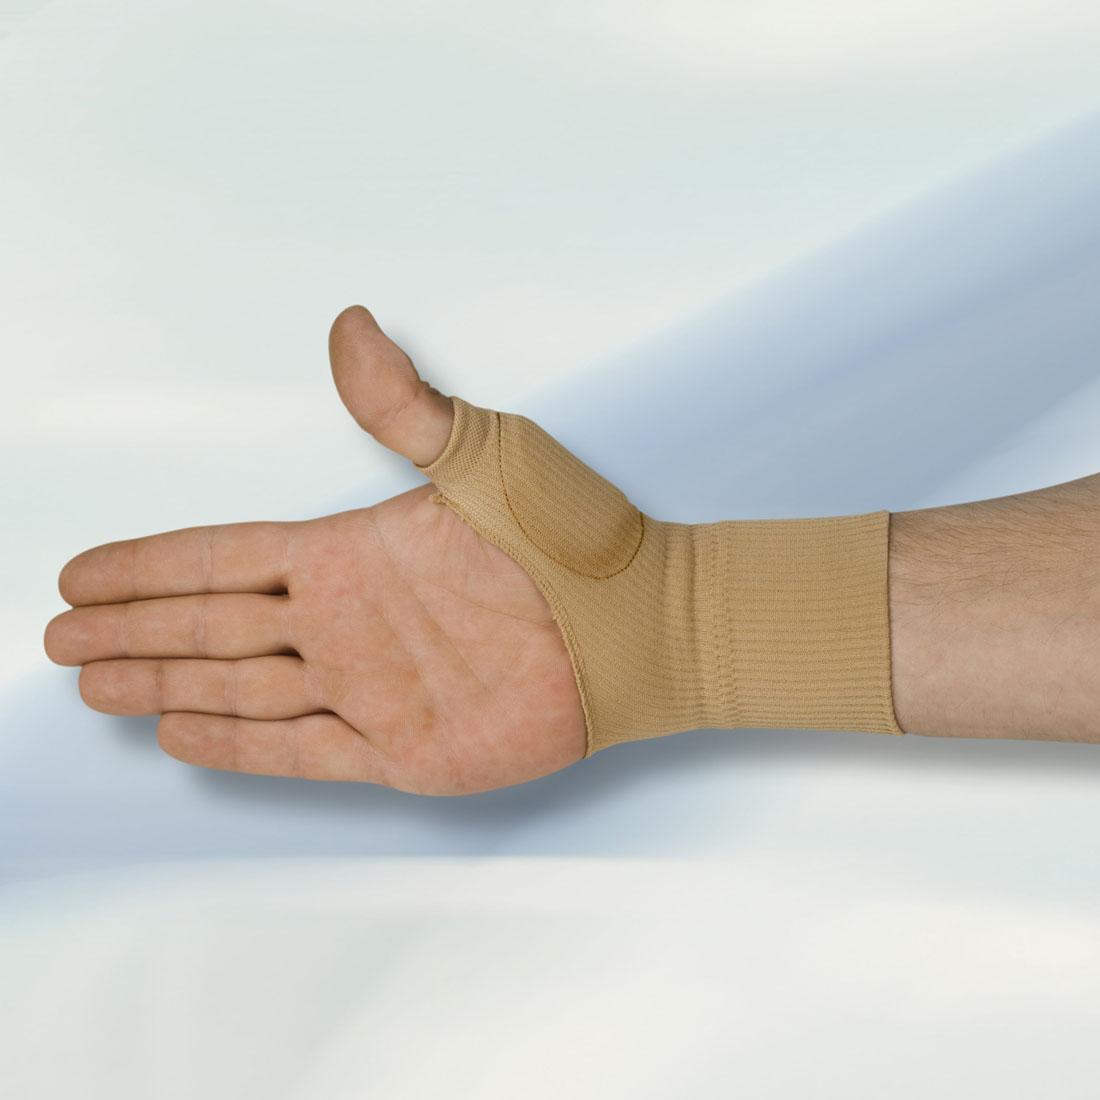 Бандаж для большого пальца руки, с гелем [06731],